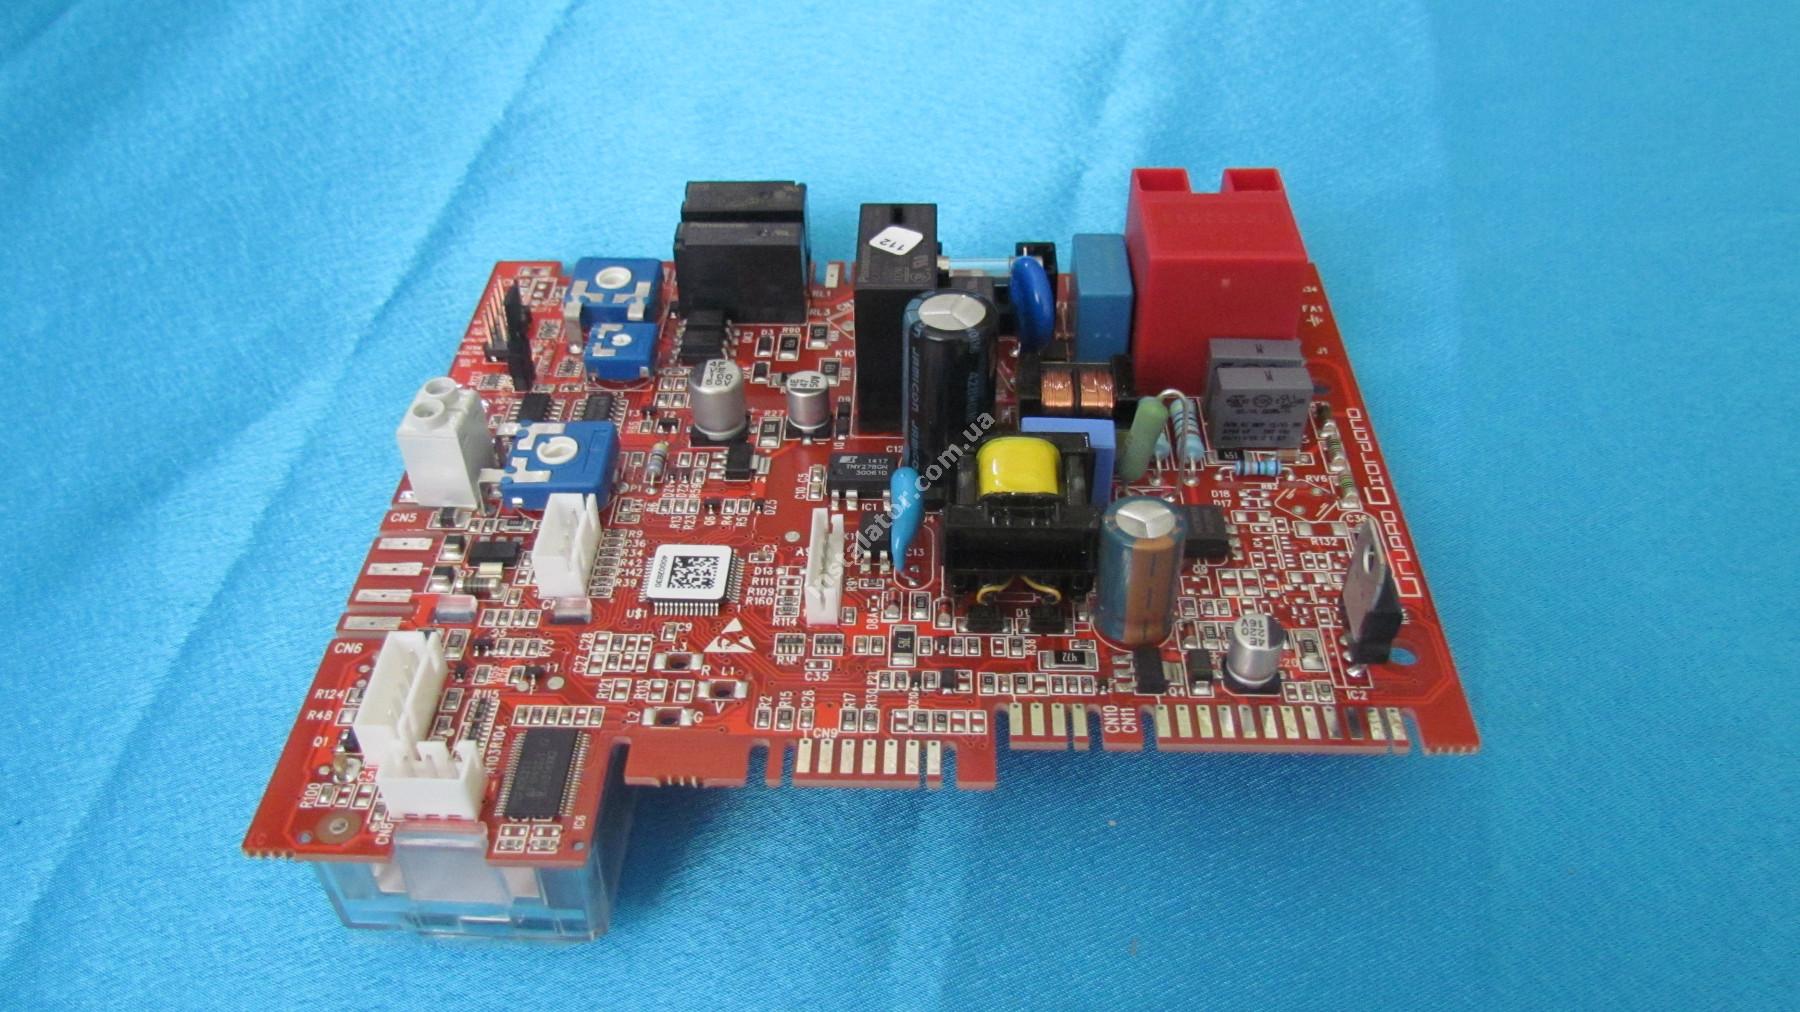 20049611 Плата  керування BERETTA City 24 CSI D( з дисплеєм ) MP05 full-image-0